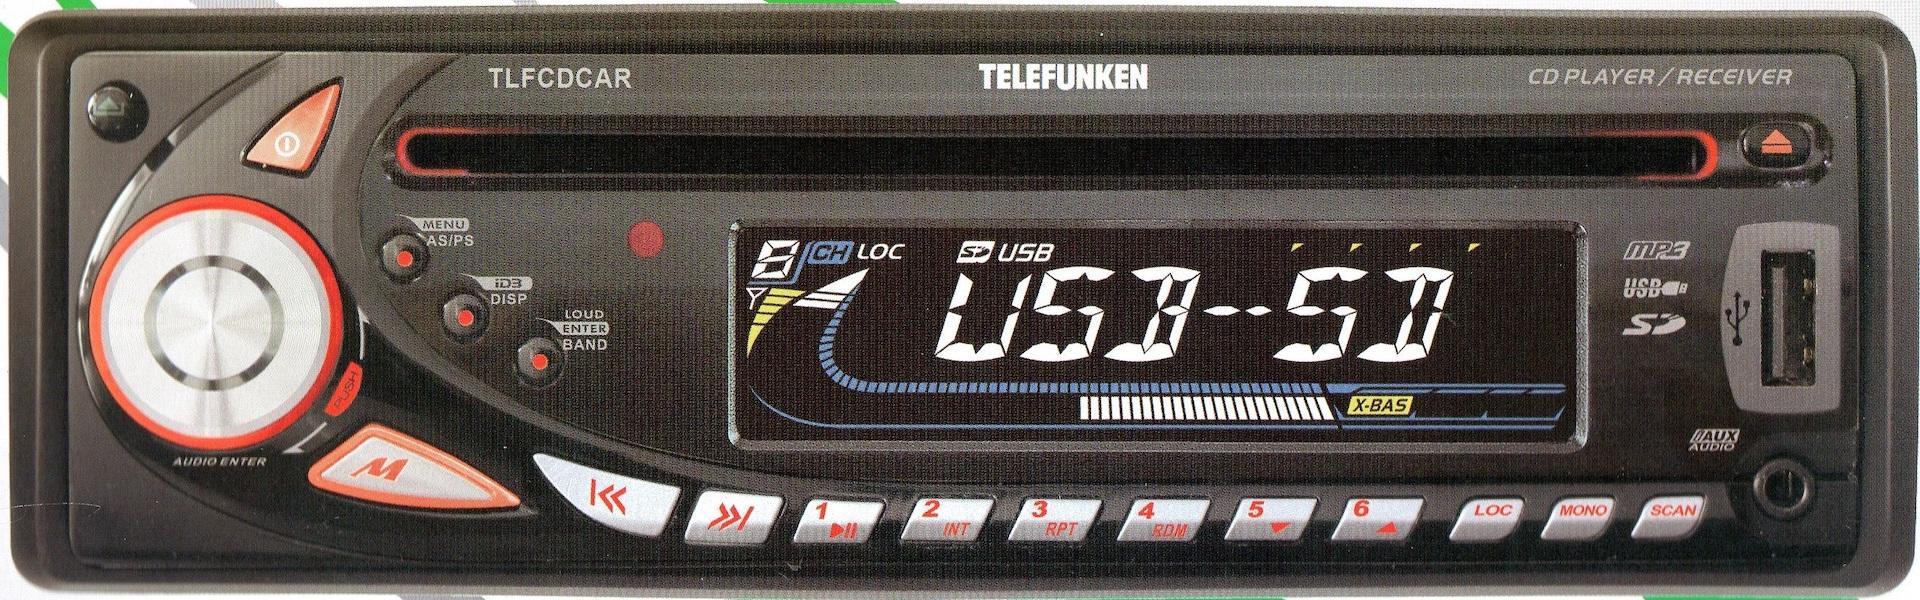 TELEFUNKEN  - TLFCDCAR